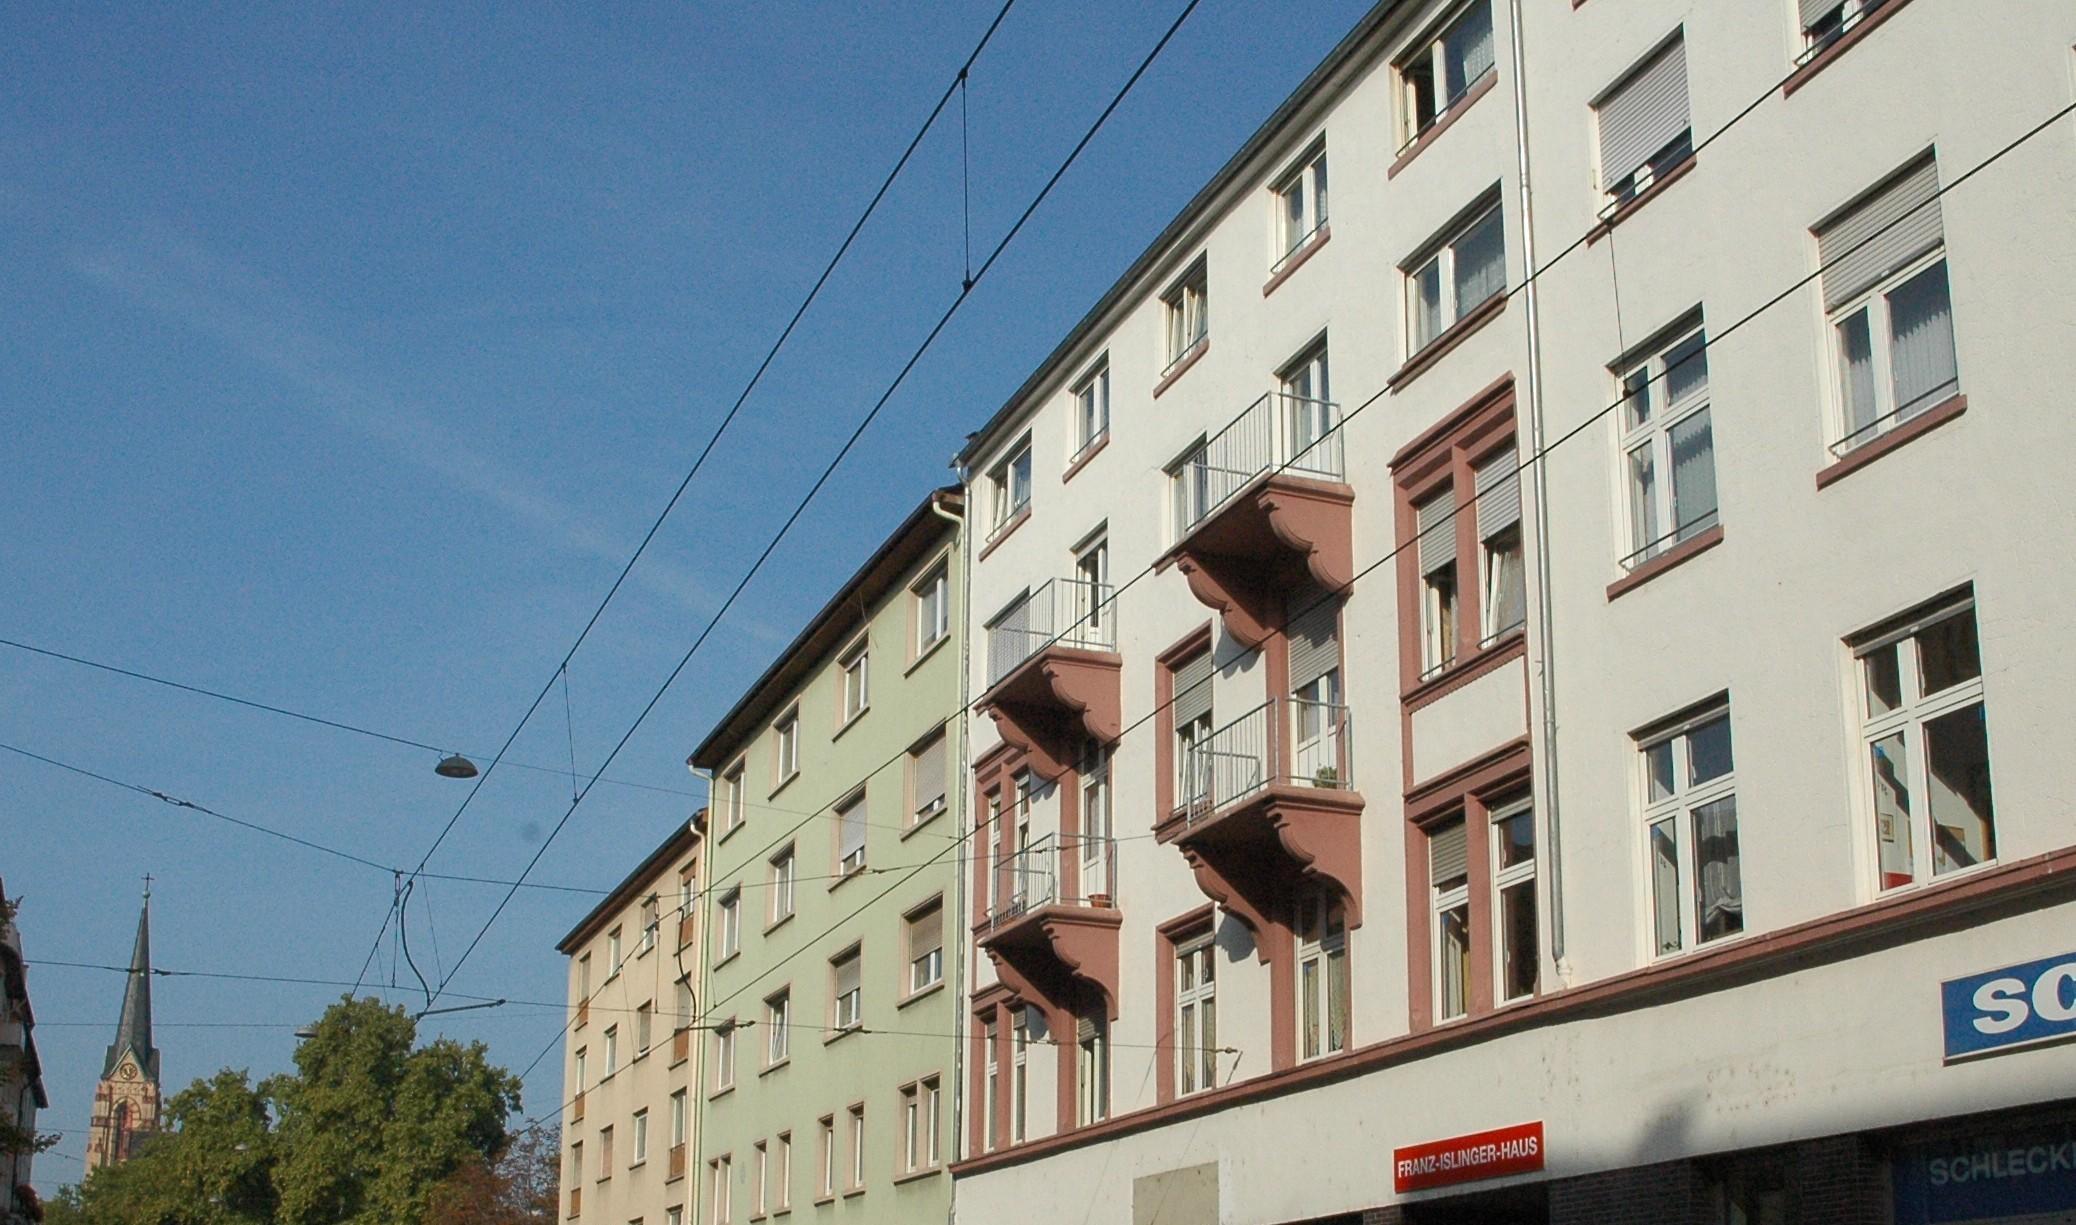 Betreutes Wohnen - Franz Islinger Haus